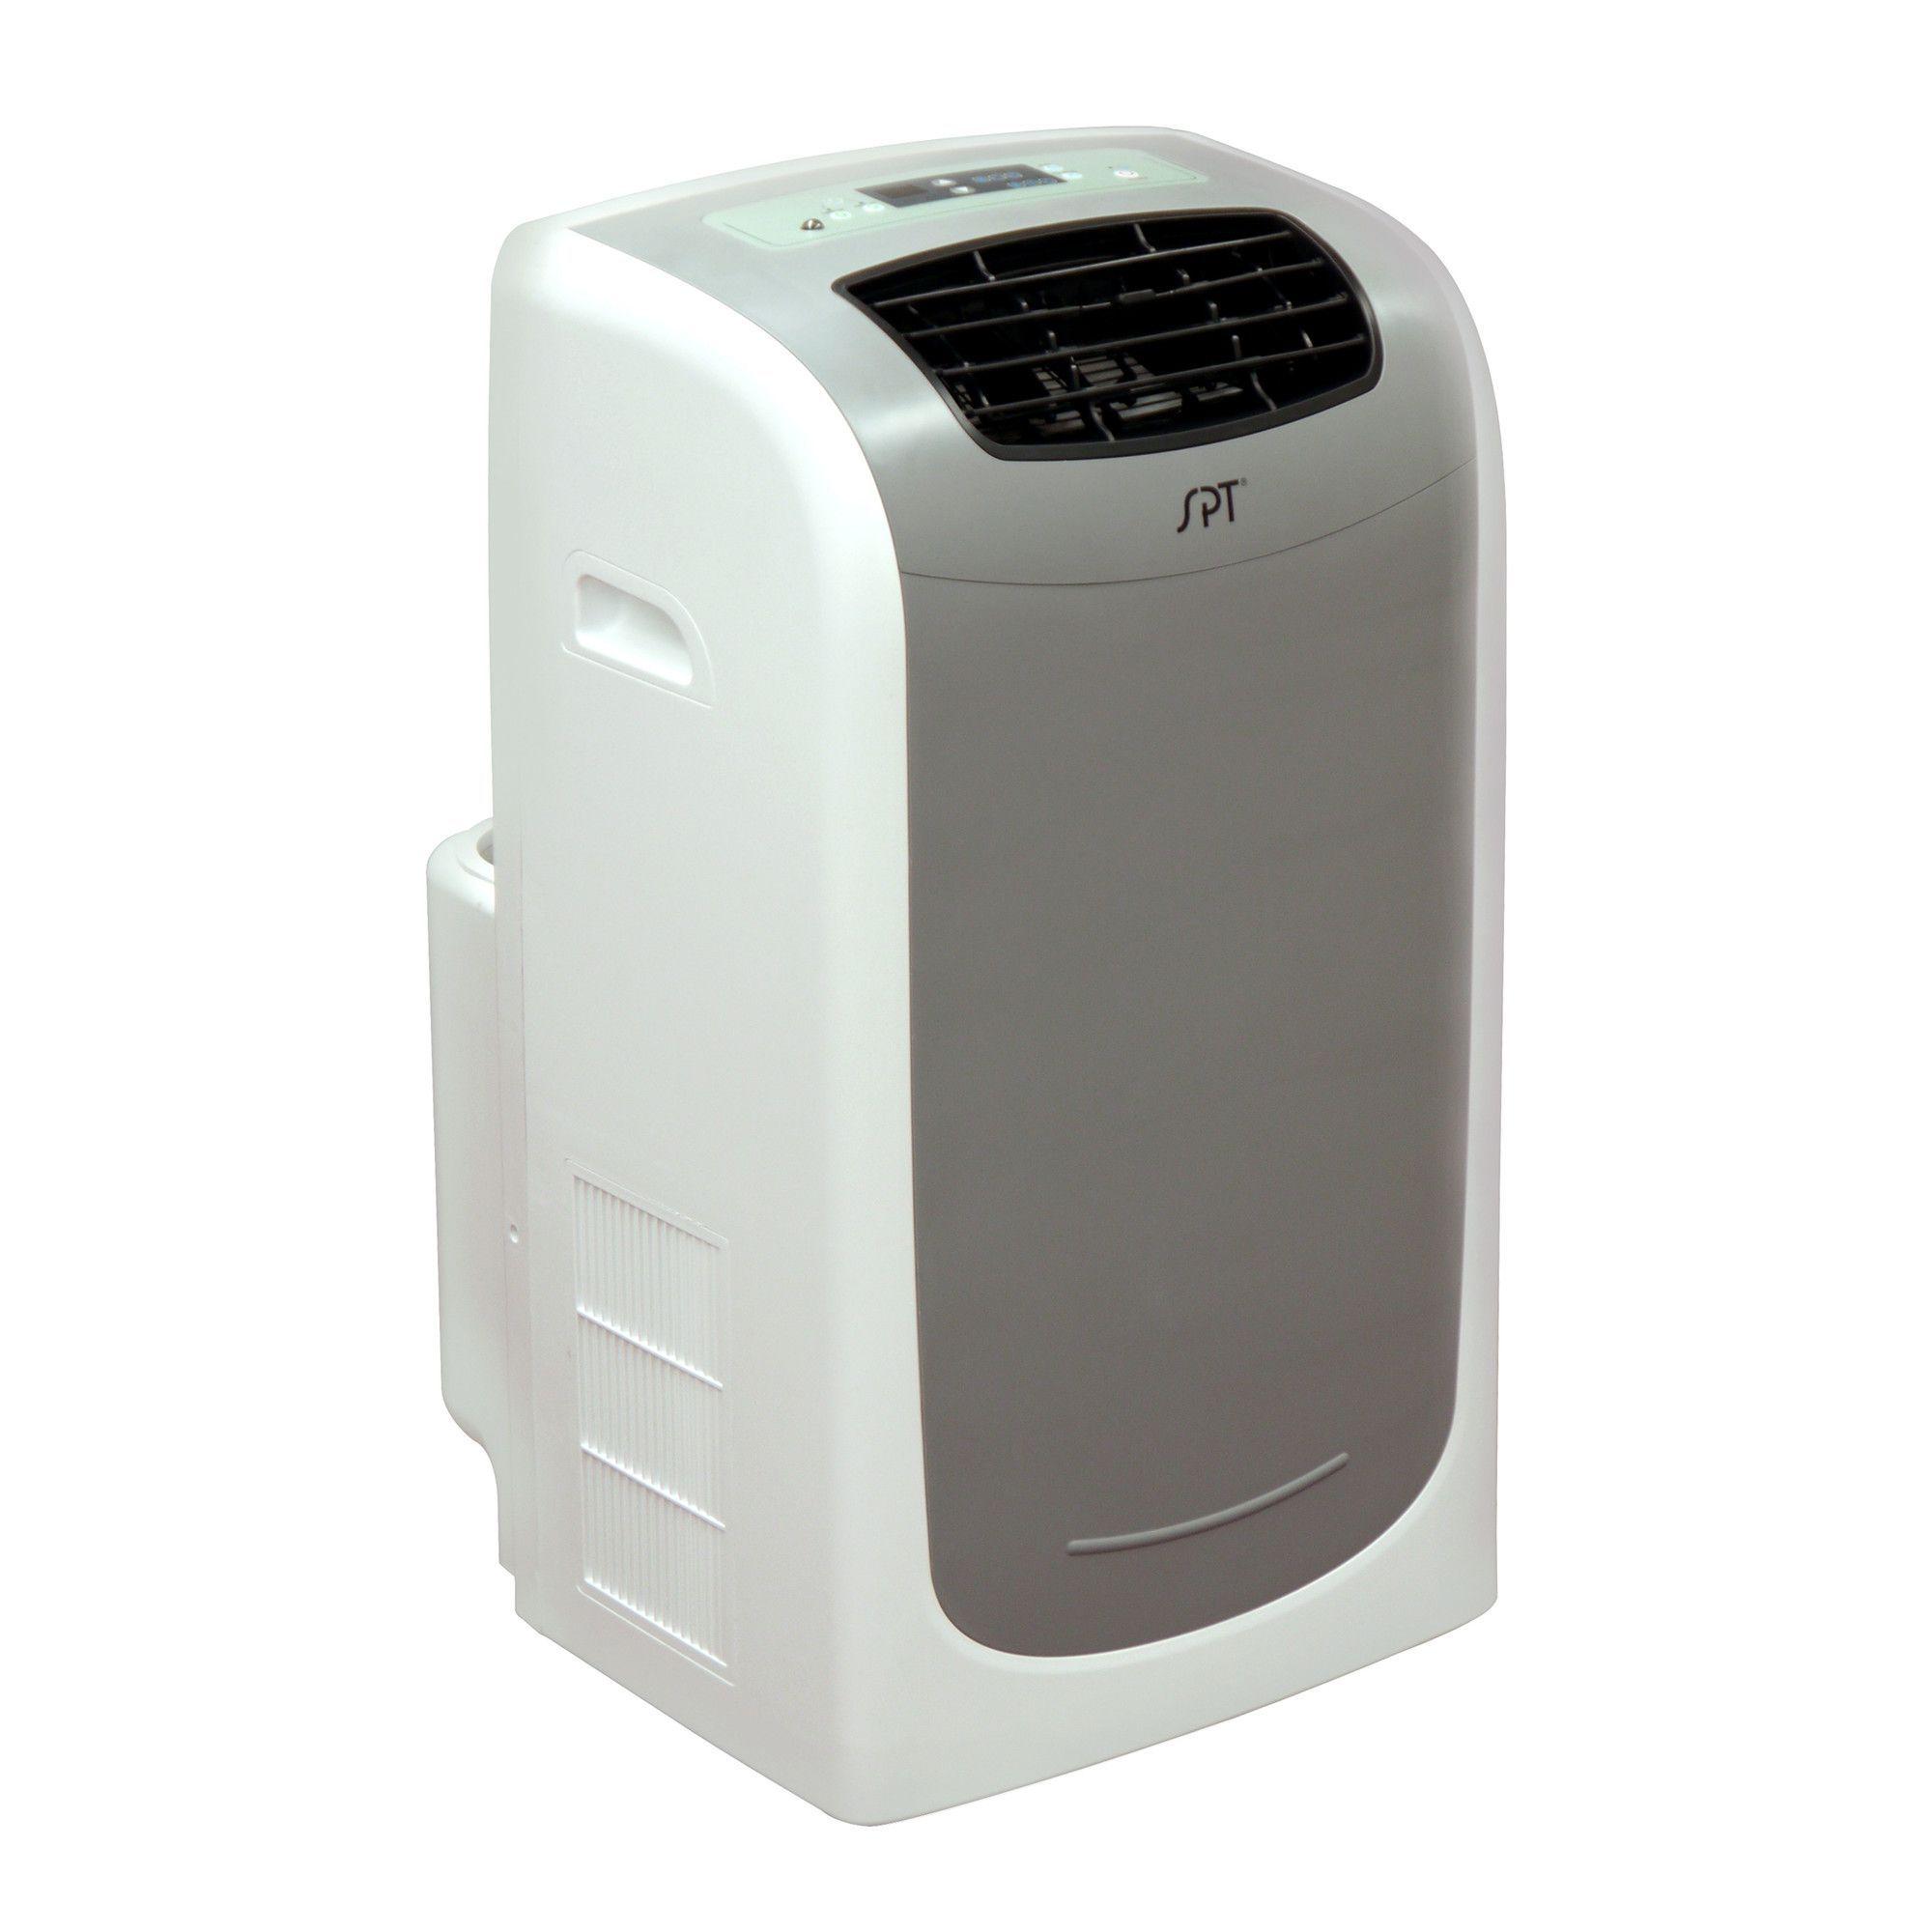 DualHose 11,000 BTU Portable Air Conditioner Portable